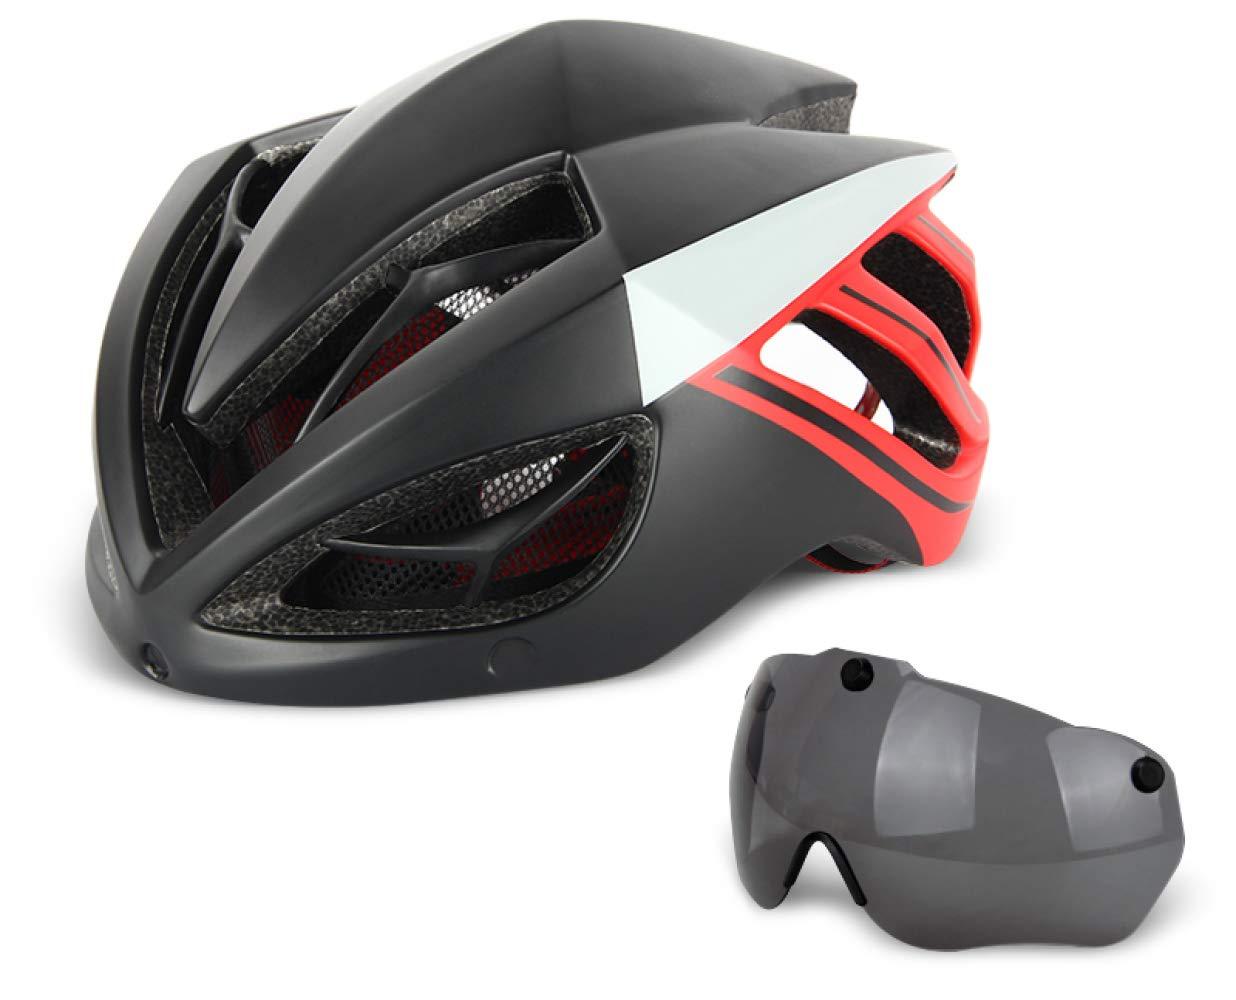 Box Czz Mountainbike Fahrradreithelm, Männer Und Frauen Sicherheit Helm Straßenrad Ausrüstung,A,Helm